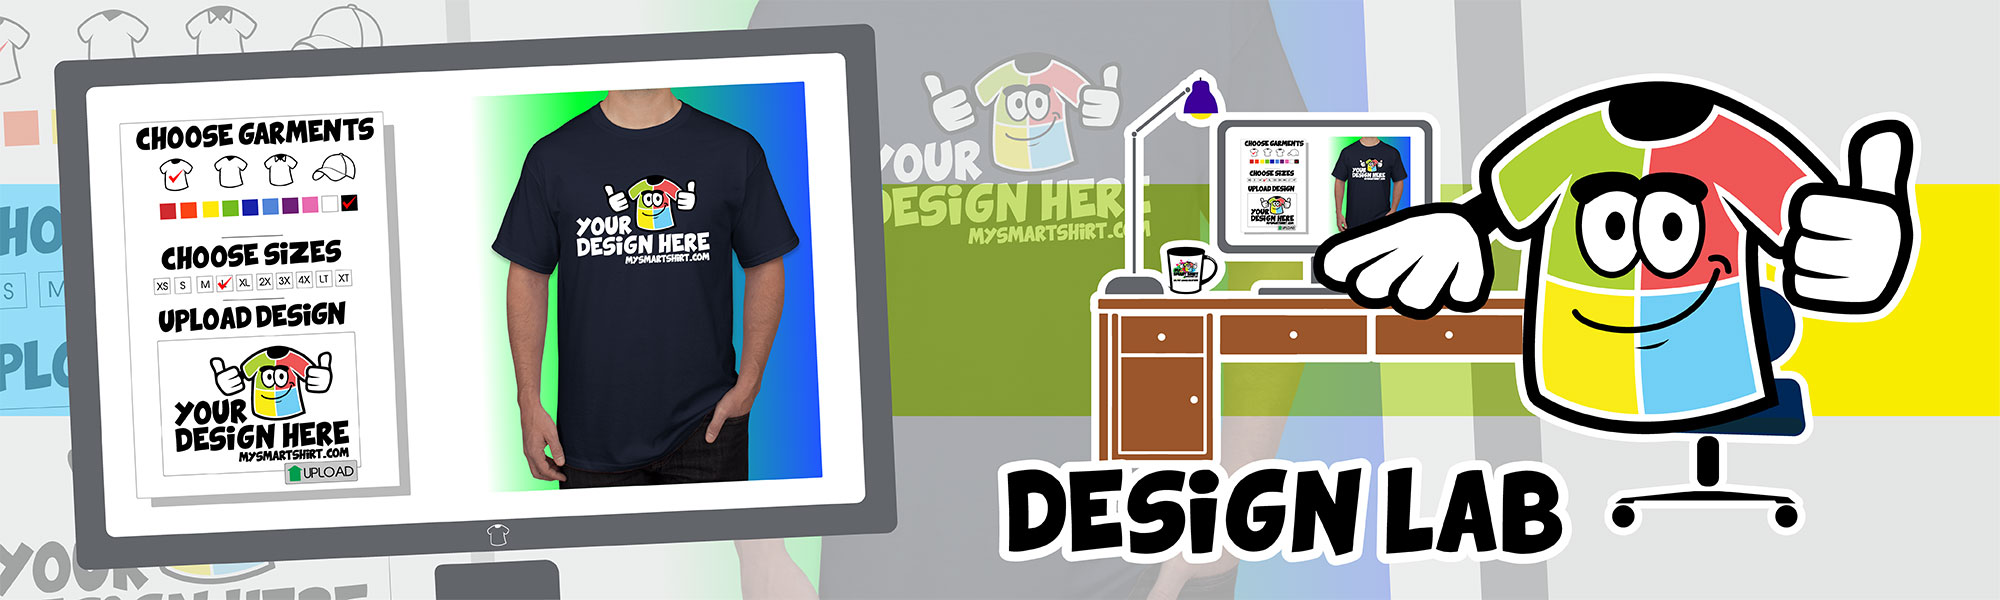 design_lab_banner